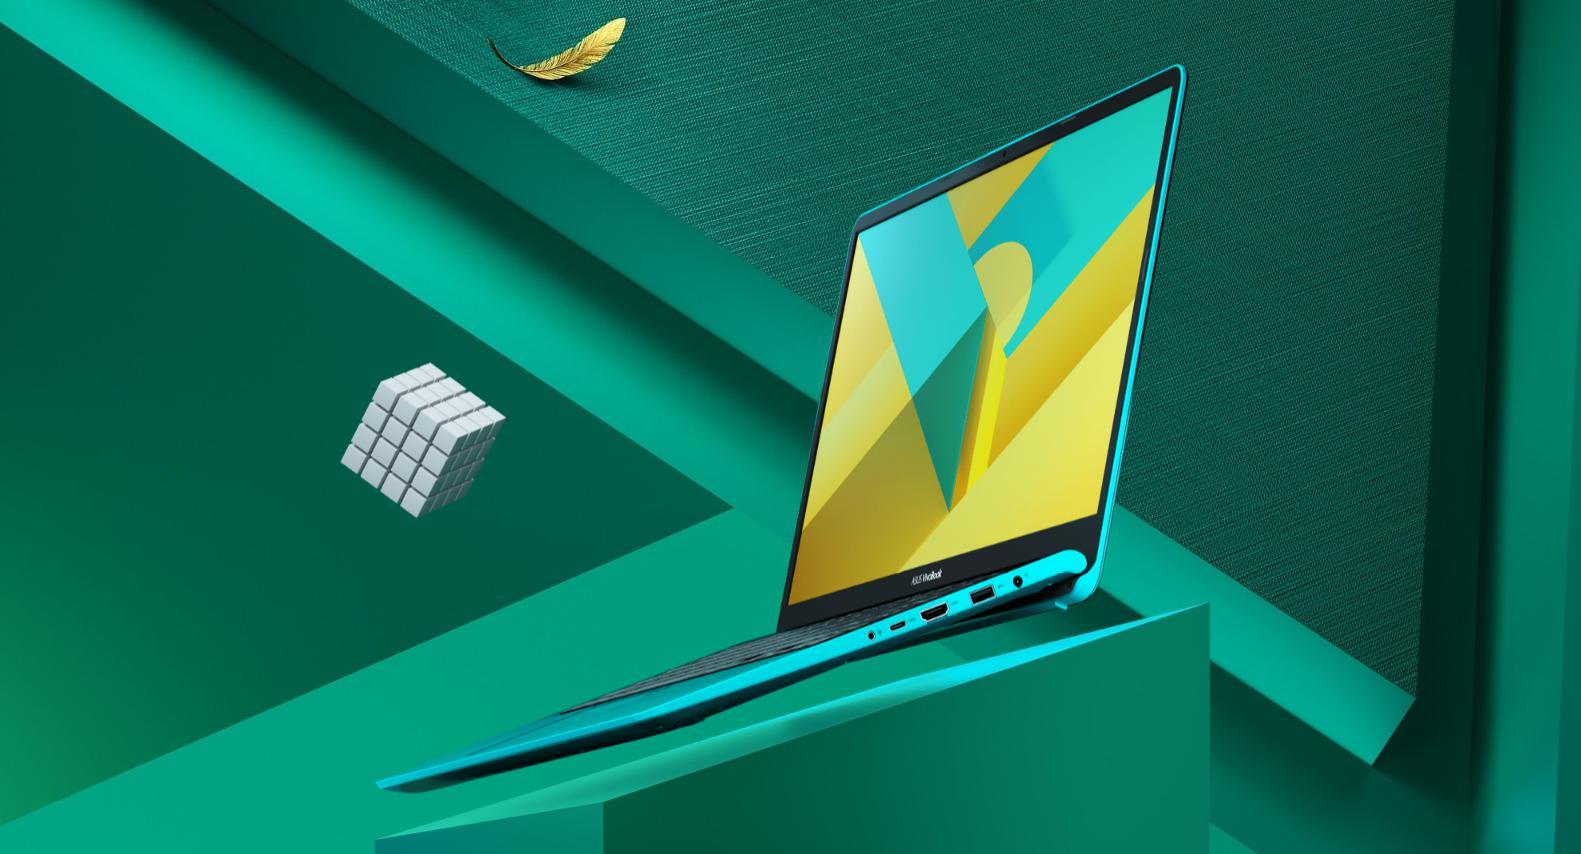 Đánh giá tổng quanLaptop Asus VivoBook S14 S430FA-EB069T 9